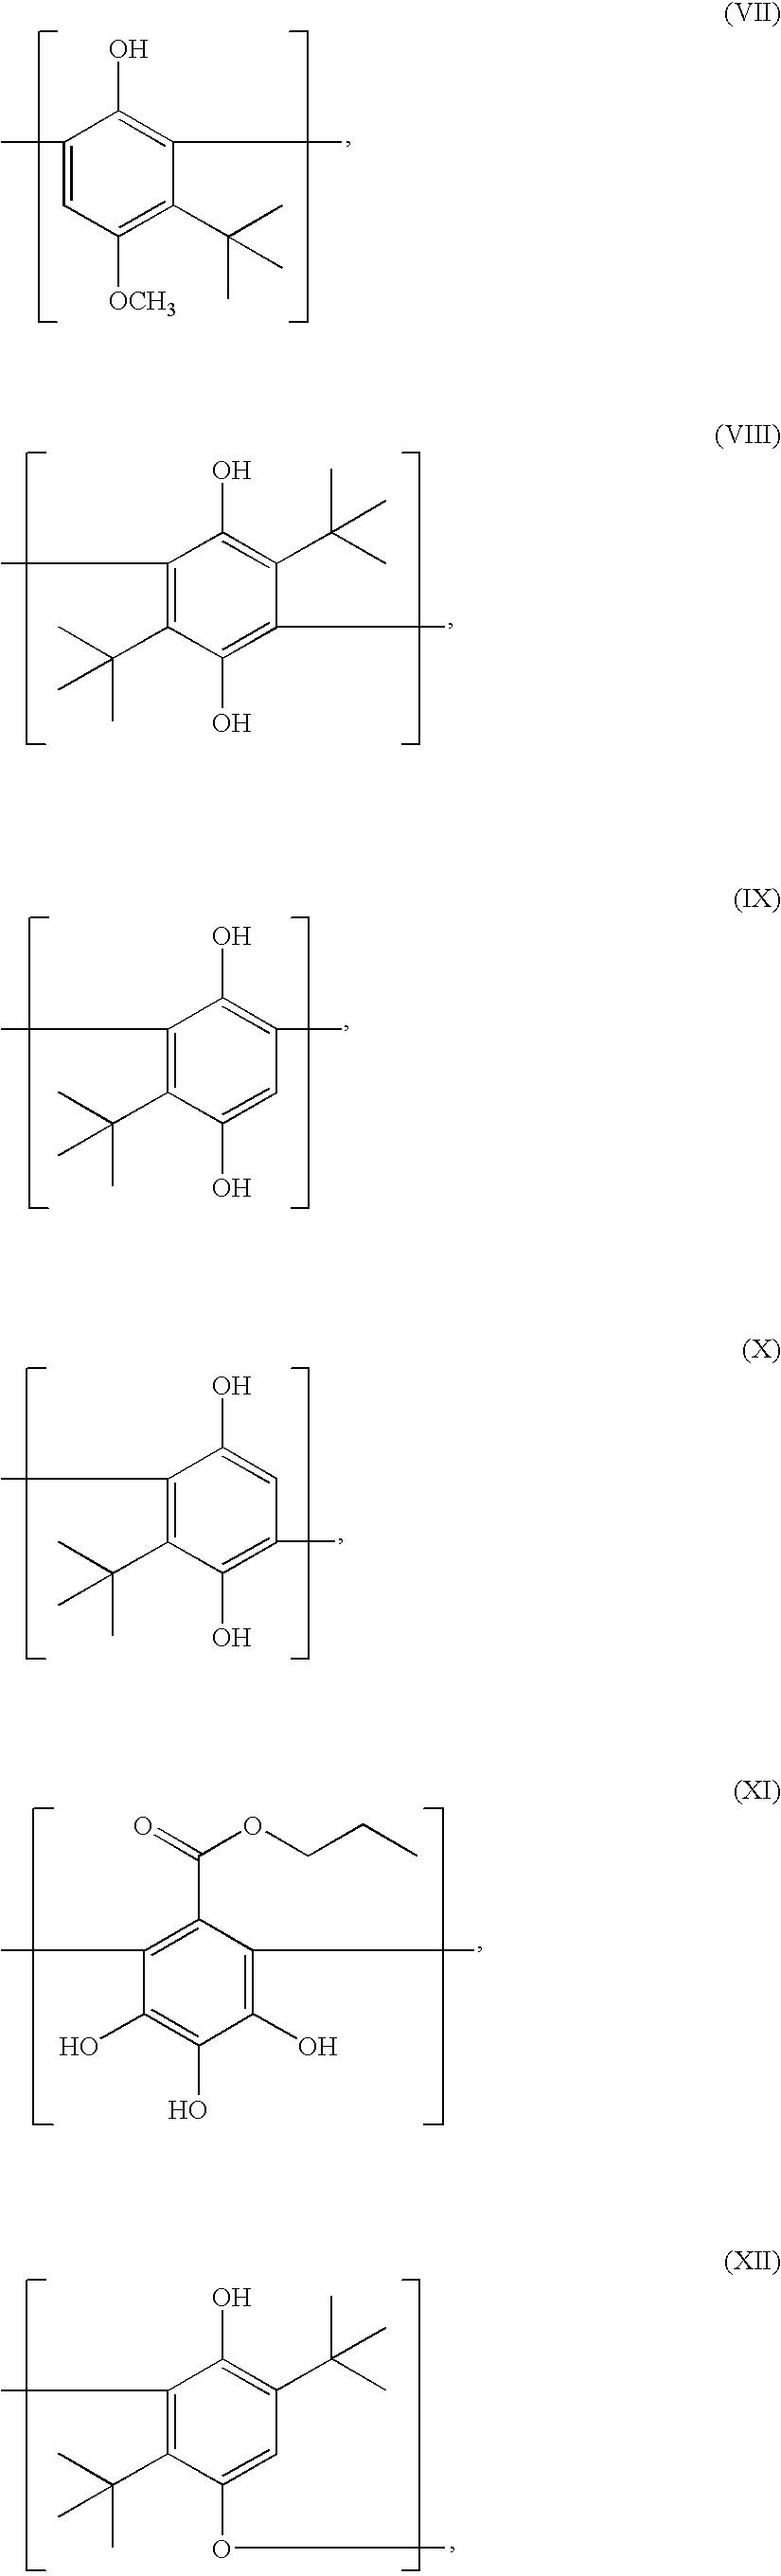 Figure US07754267-20100713-C00017